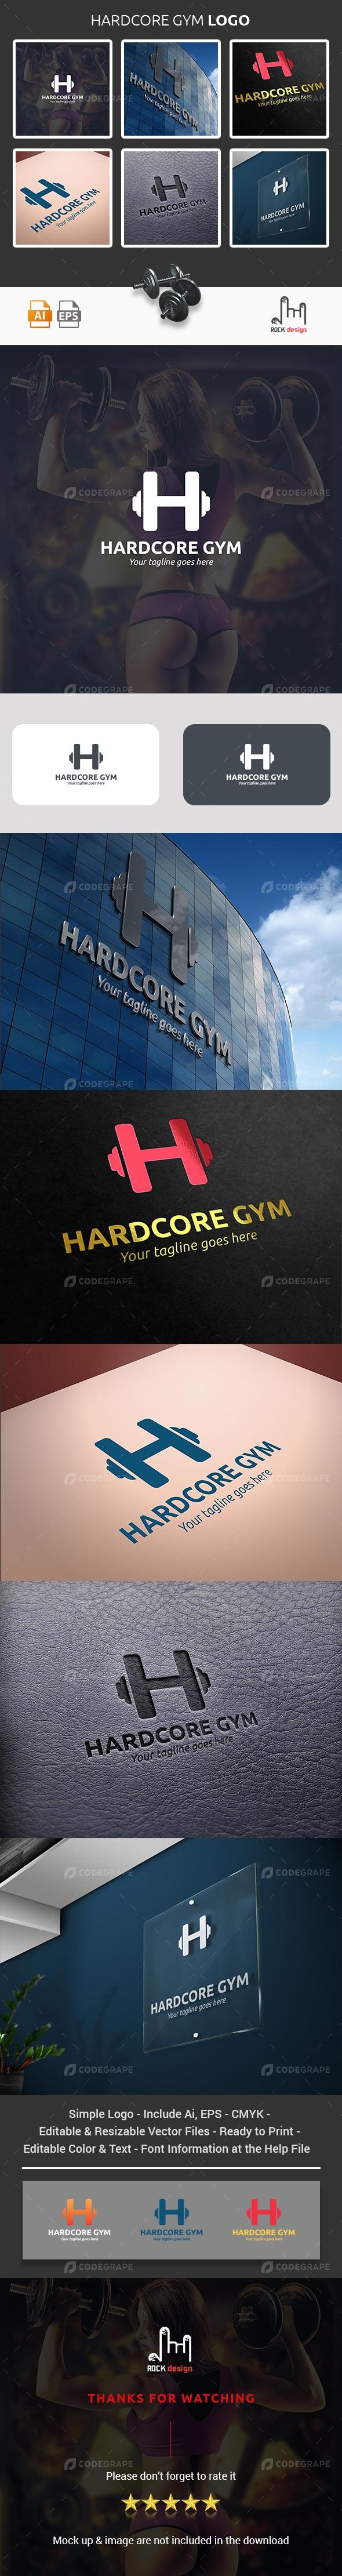 Hardcore GYM Logo